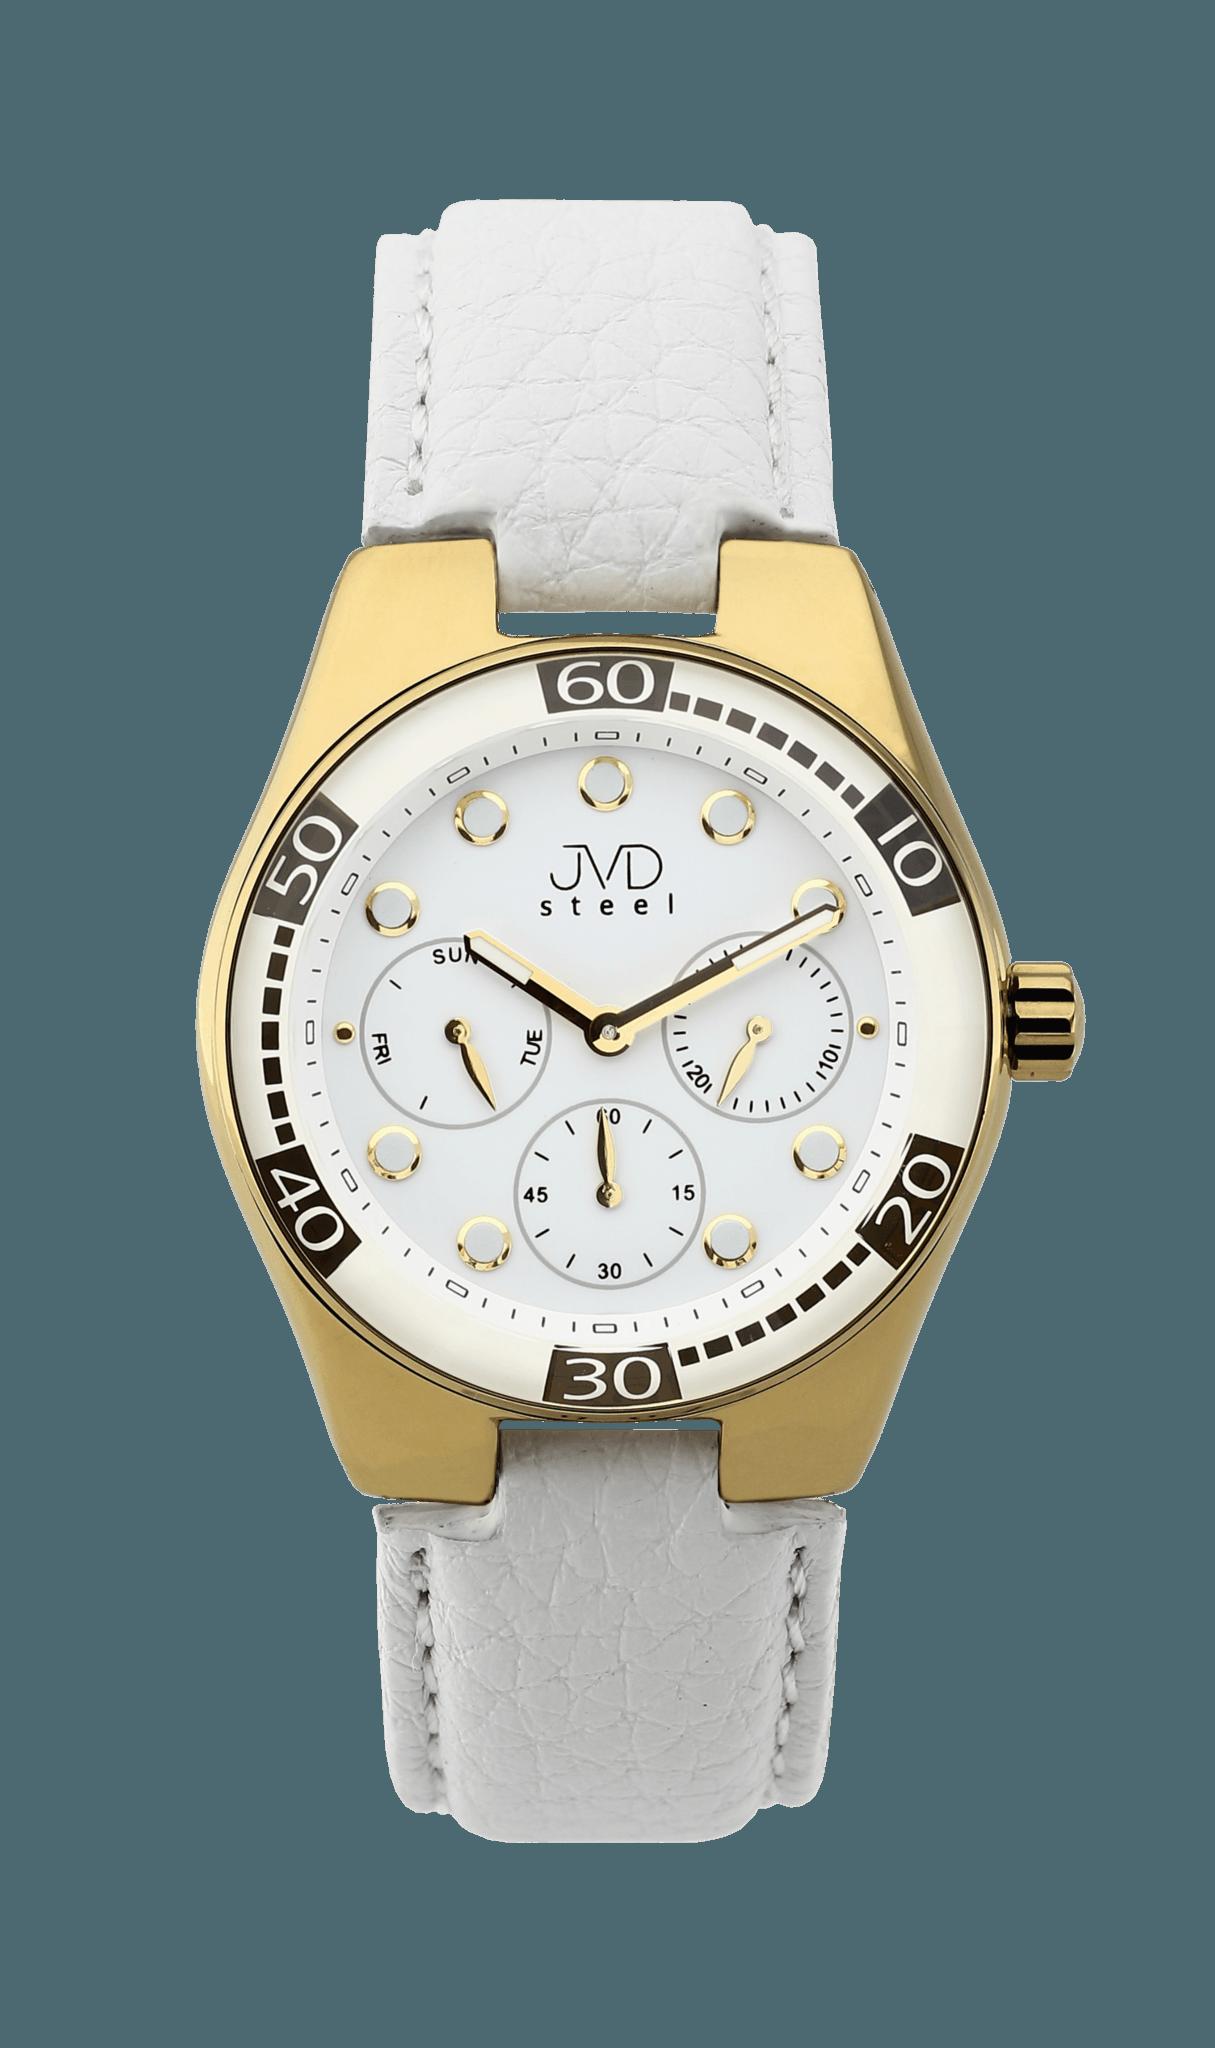 Dámské elegantní náramkové hodinky Steel JVDW 52.3  d0dba894f8